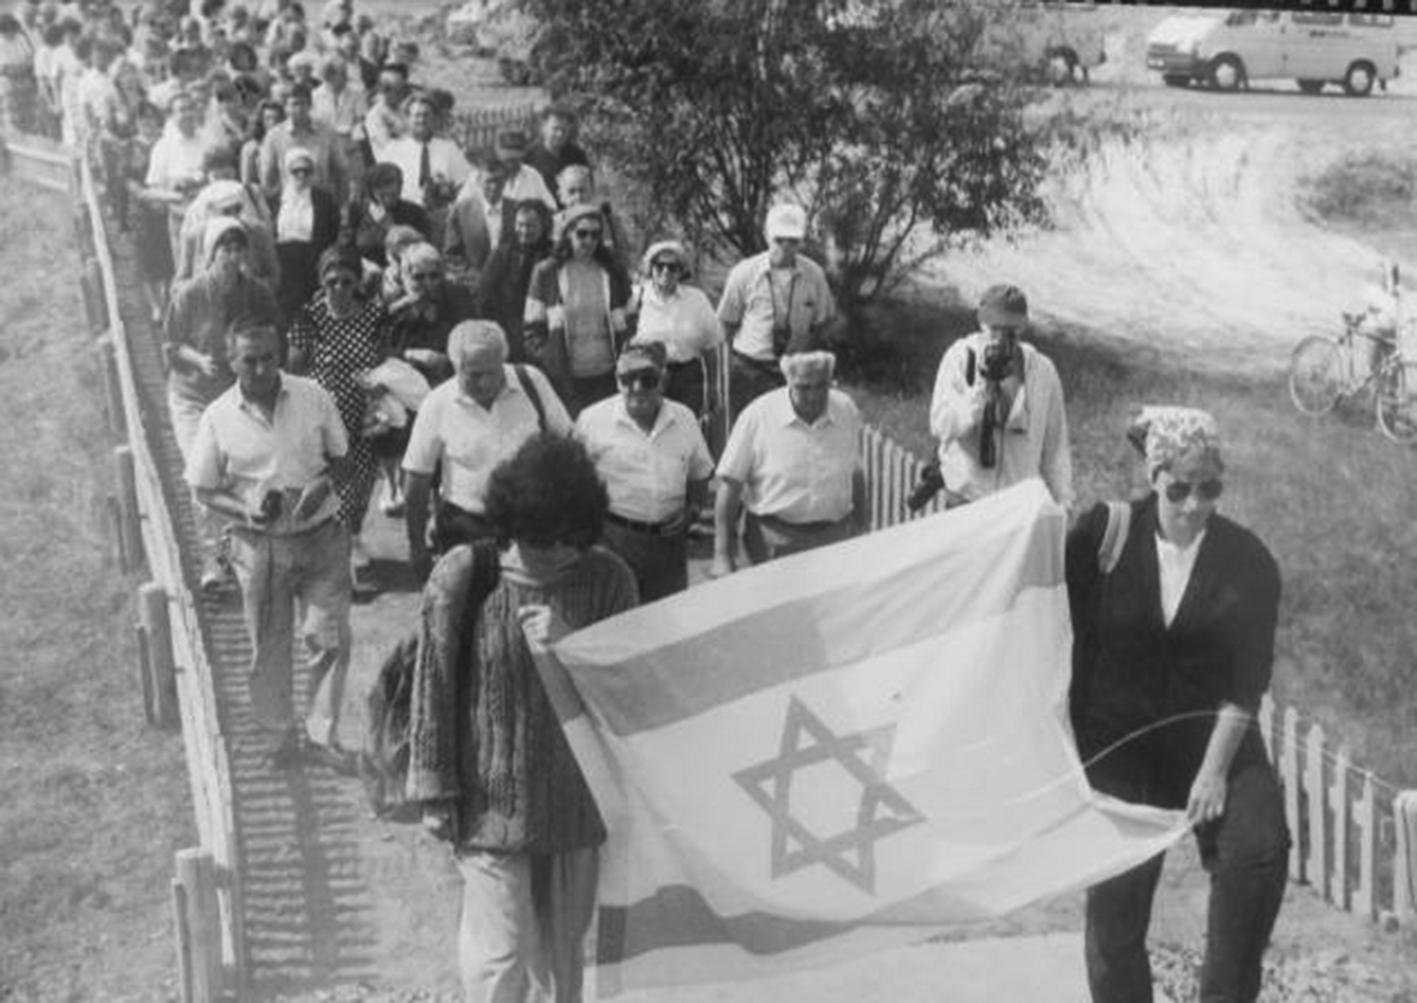 На відкритті памятного знаку на місці розстрілу євреїв у 1942 році. Камінь-Каширський, вул. Гагаріна. Червень 1993 р.